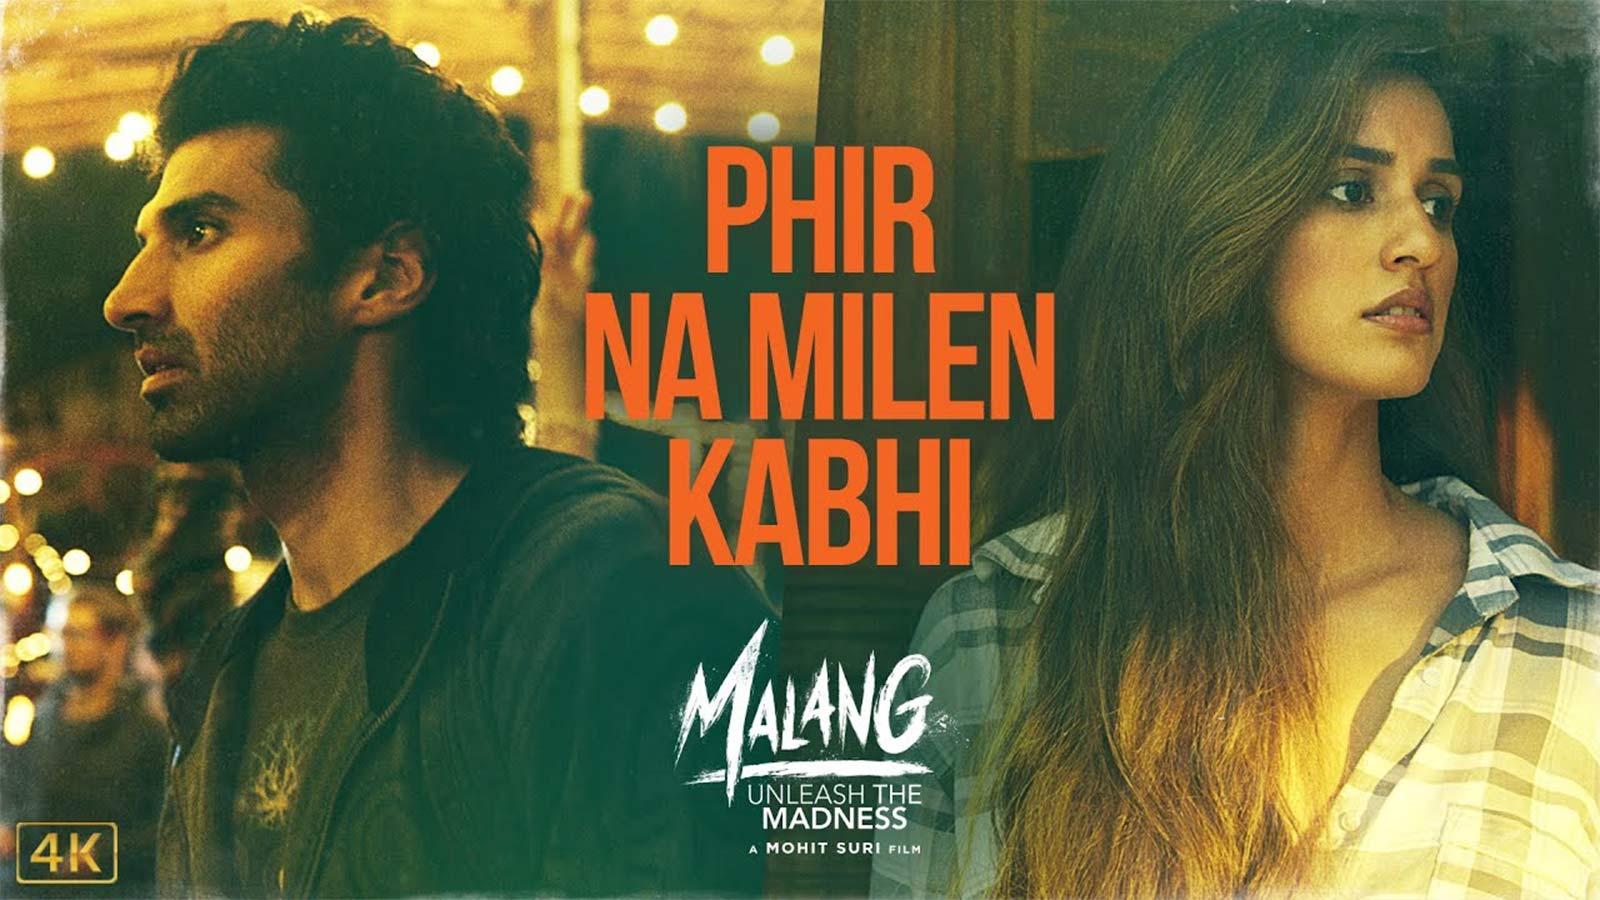 Malang Song Phir Na Milen Kabhi Hindi Video Songs Times Of India